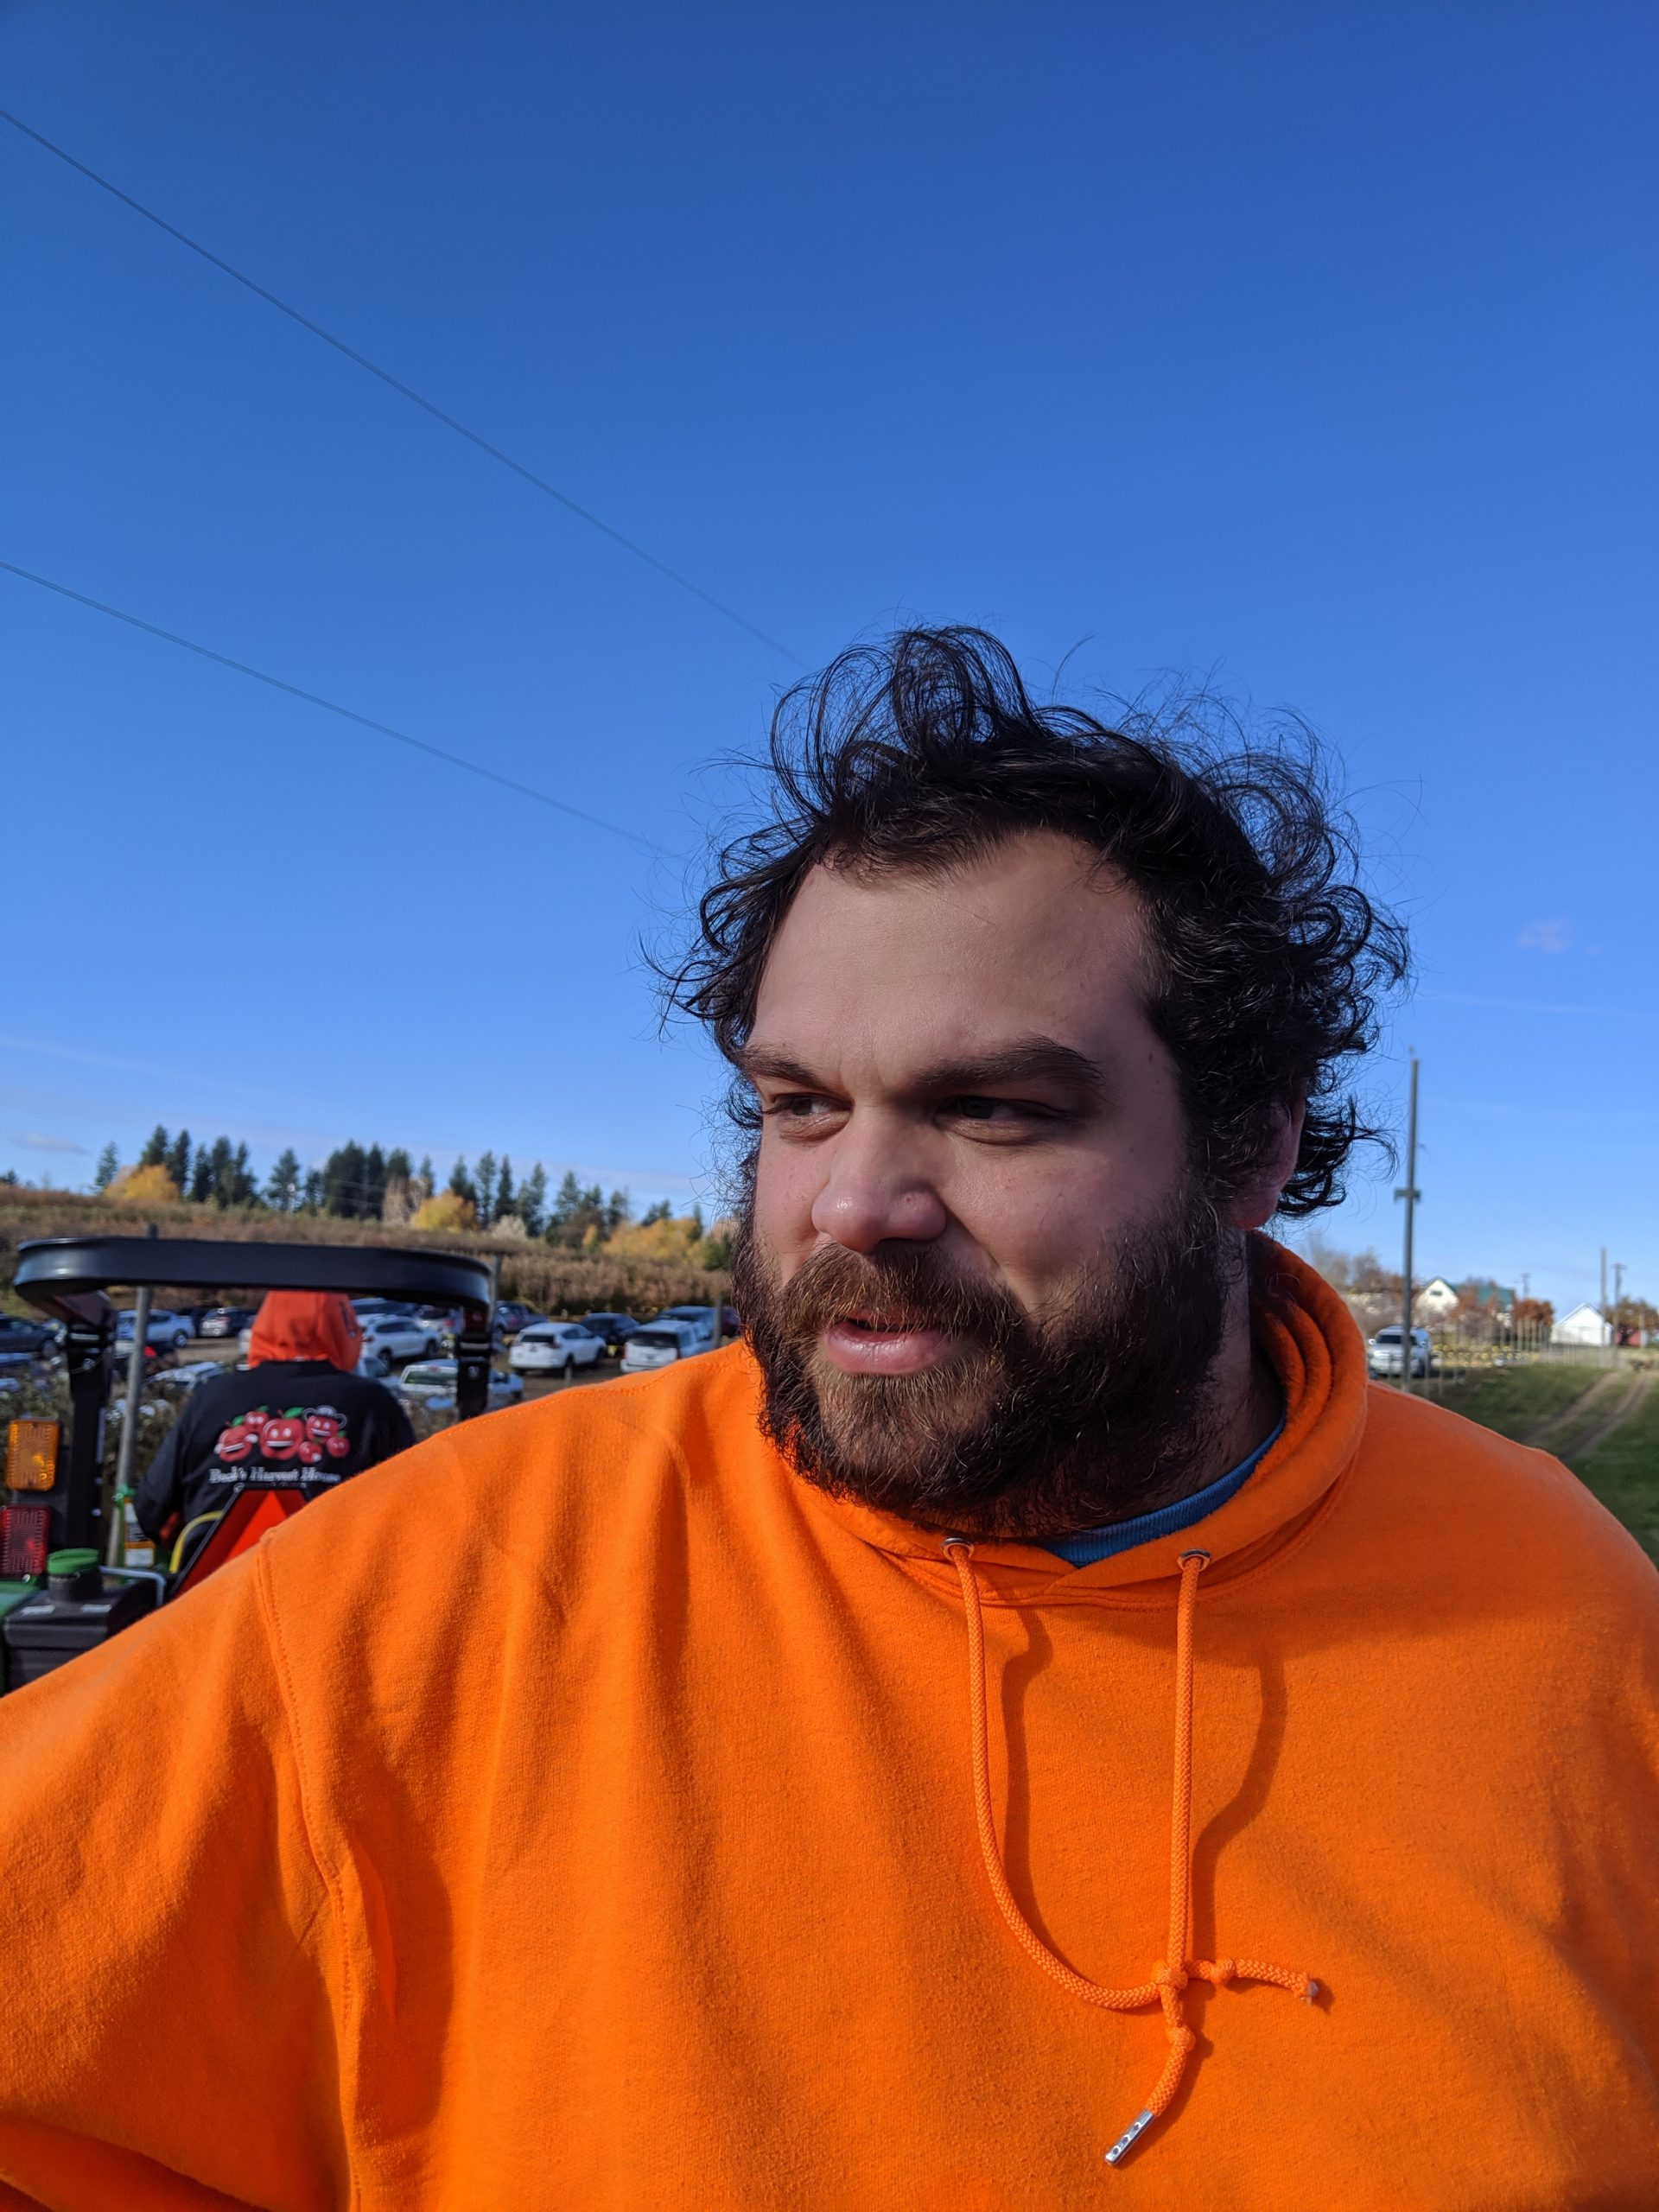 Jeff Greenlund